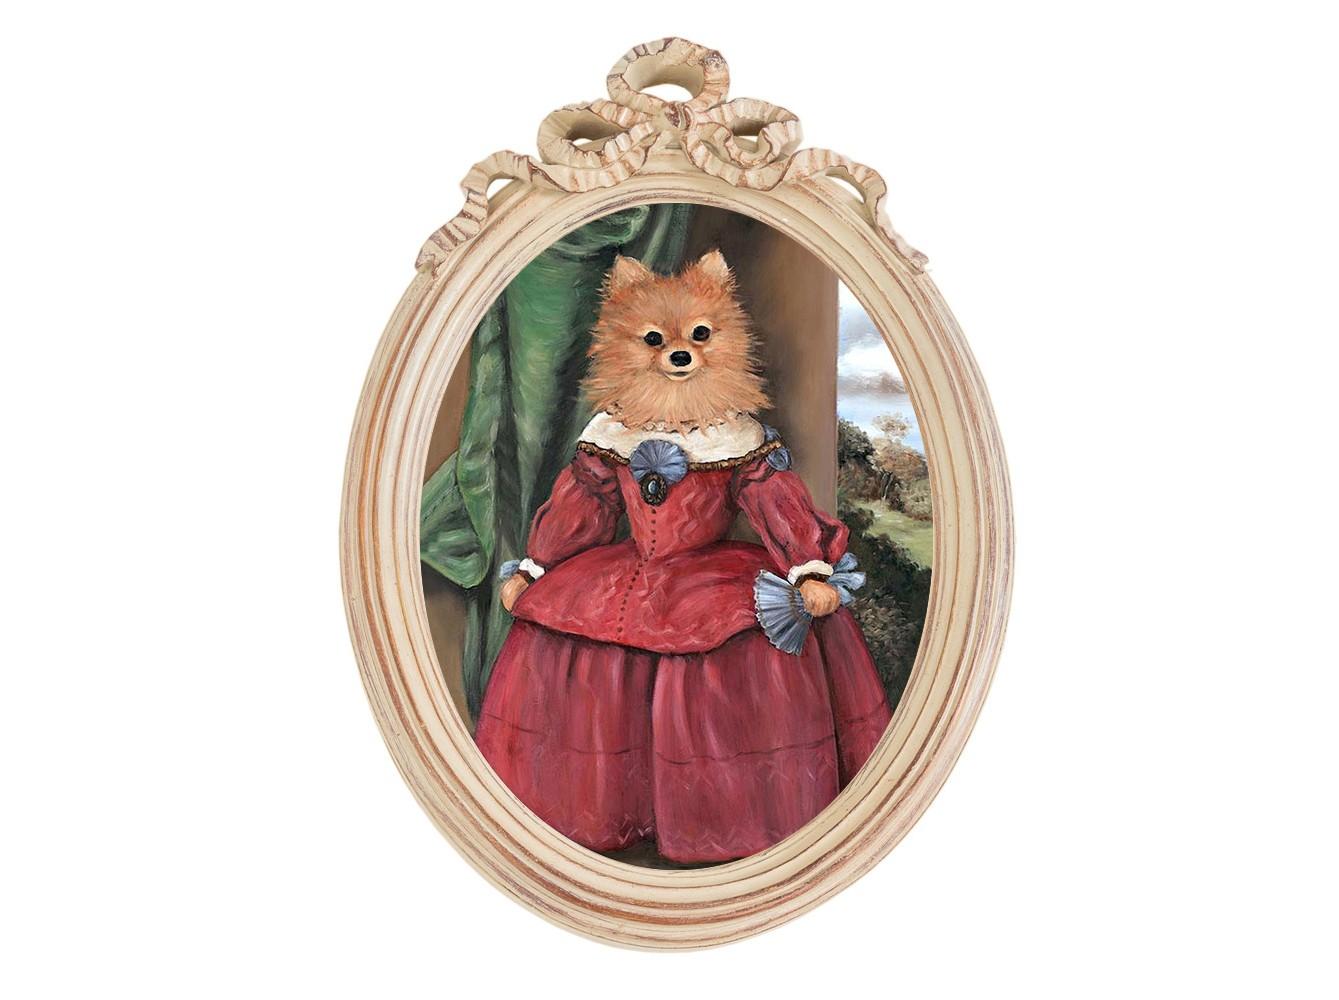 Репродукция «музейный экспонат», версия 31 в картинной раме «офелия» (object desire) мультиколор 30.5x43.0x4.0 см. фото